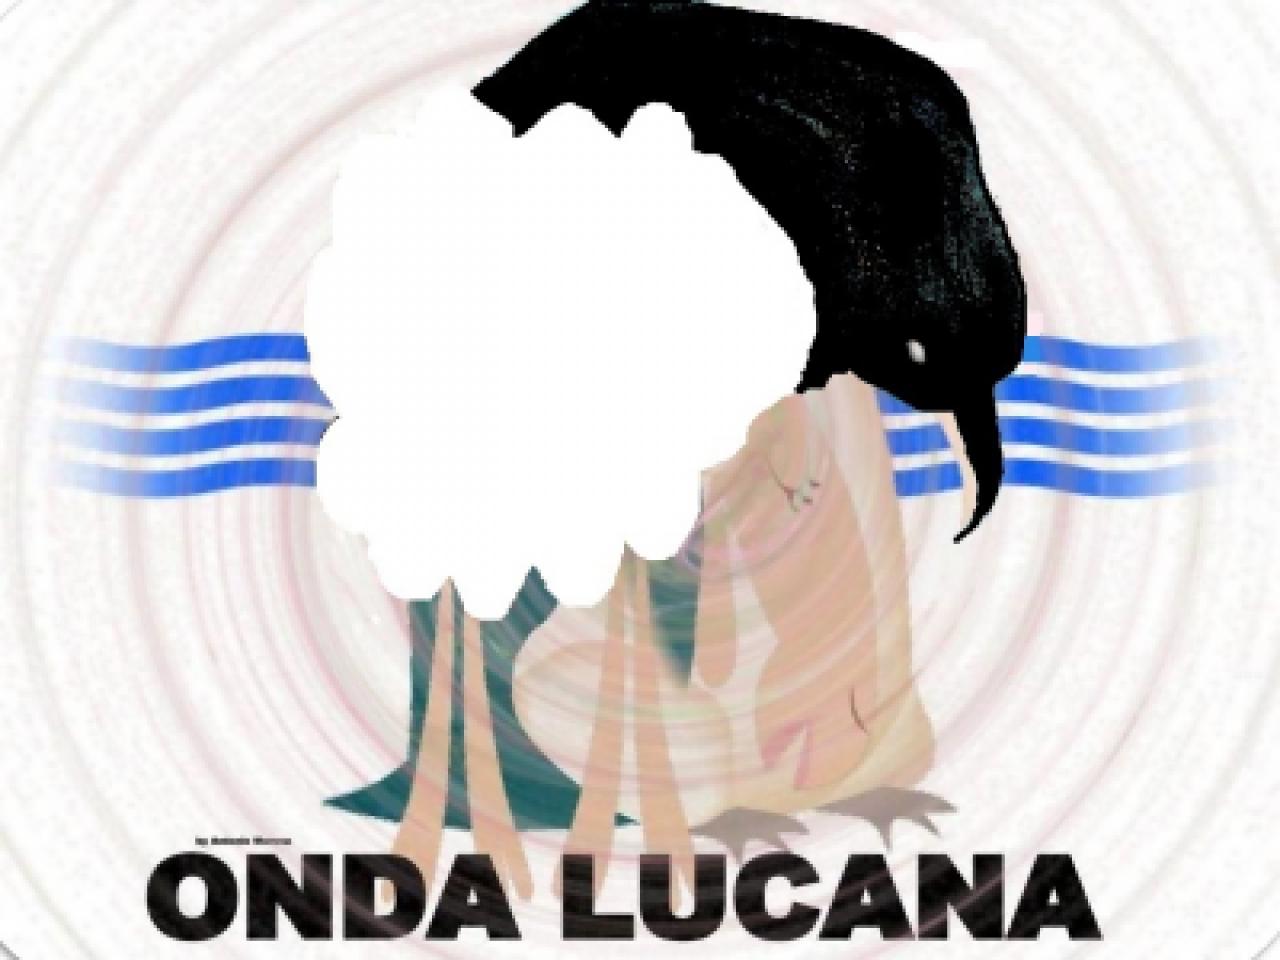 Onda Lucana